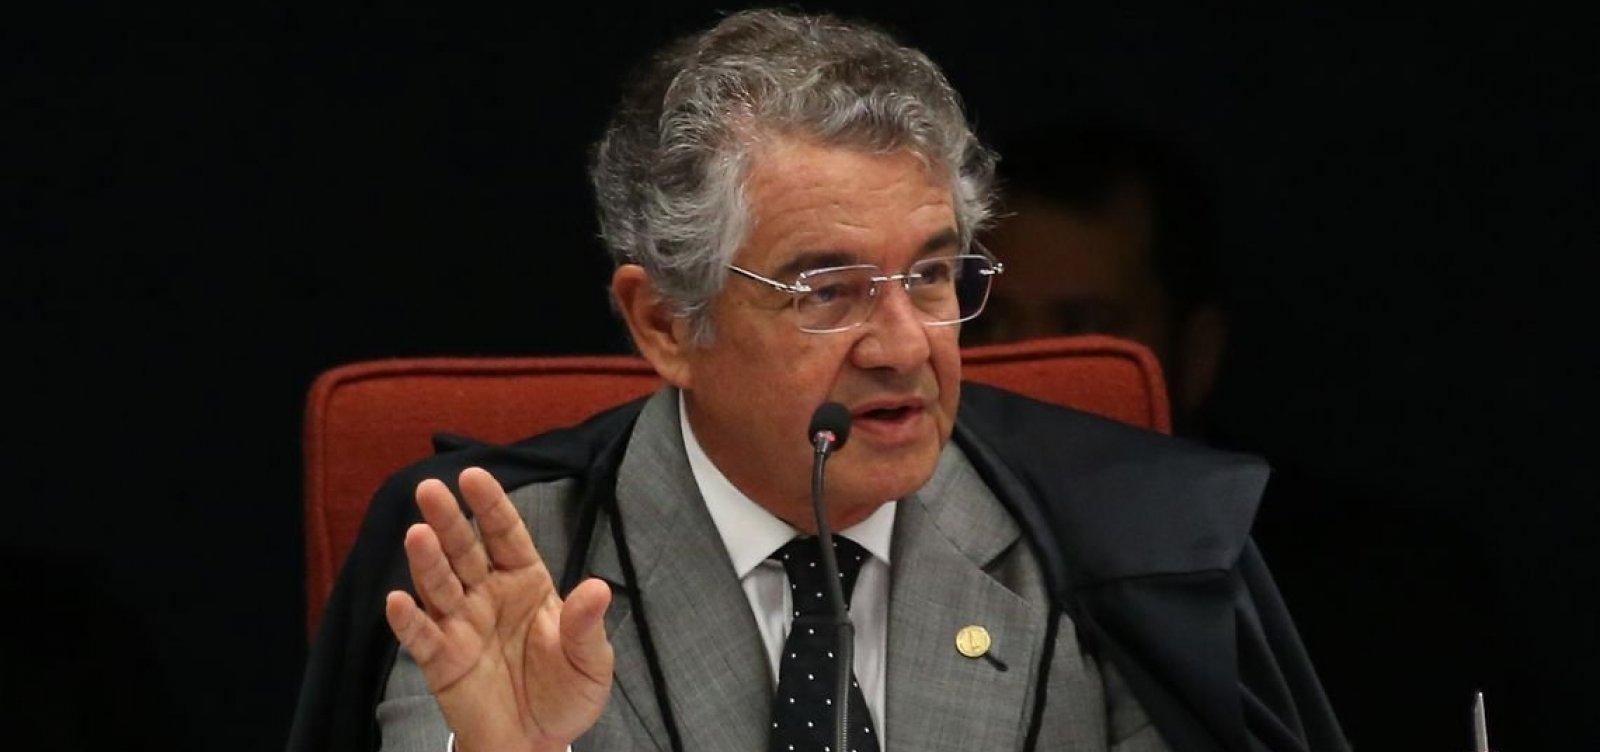 [ Marco Aurélio diz que indicação de filho de Bolsonaro a embaixada é nepotismo e 'tiro no pé']